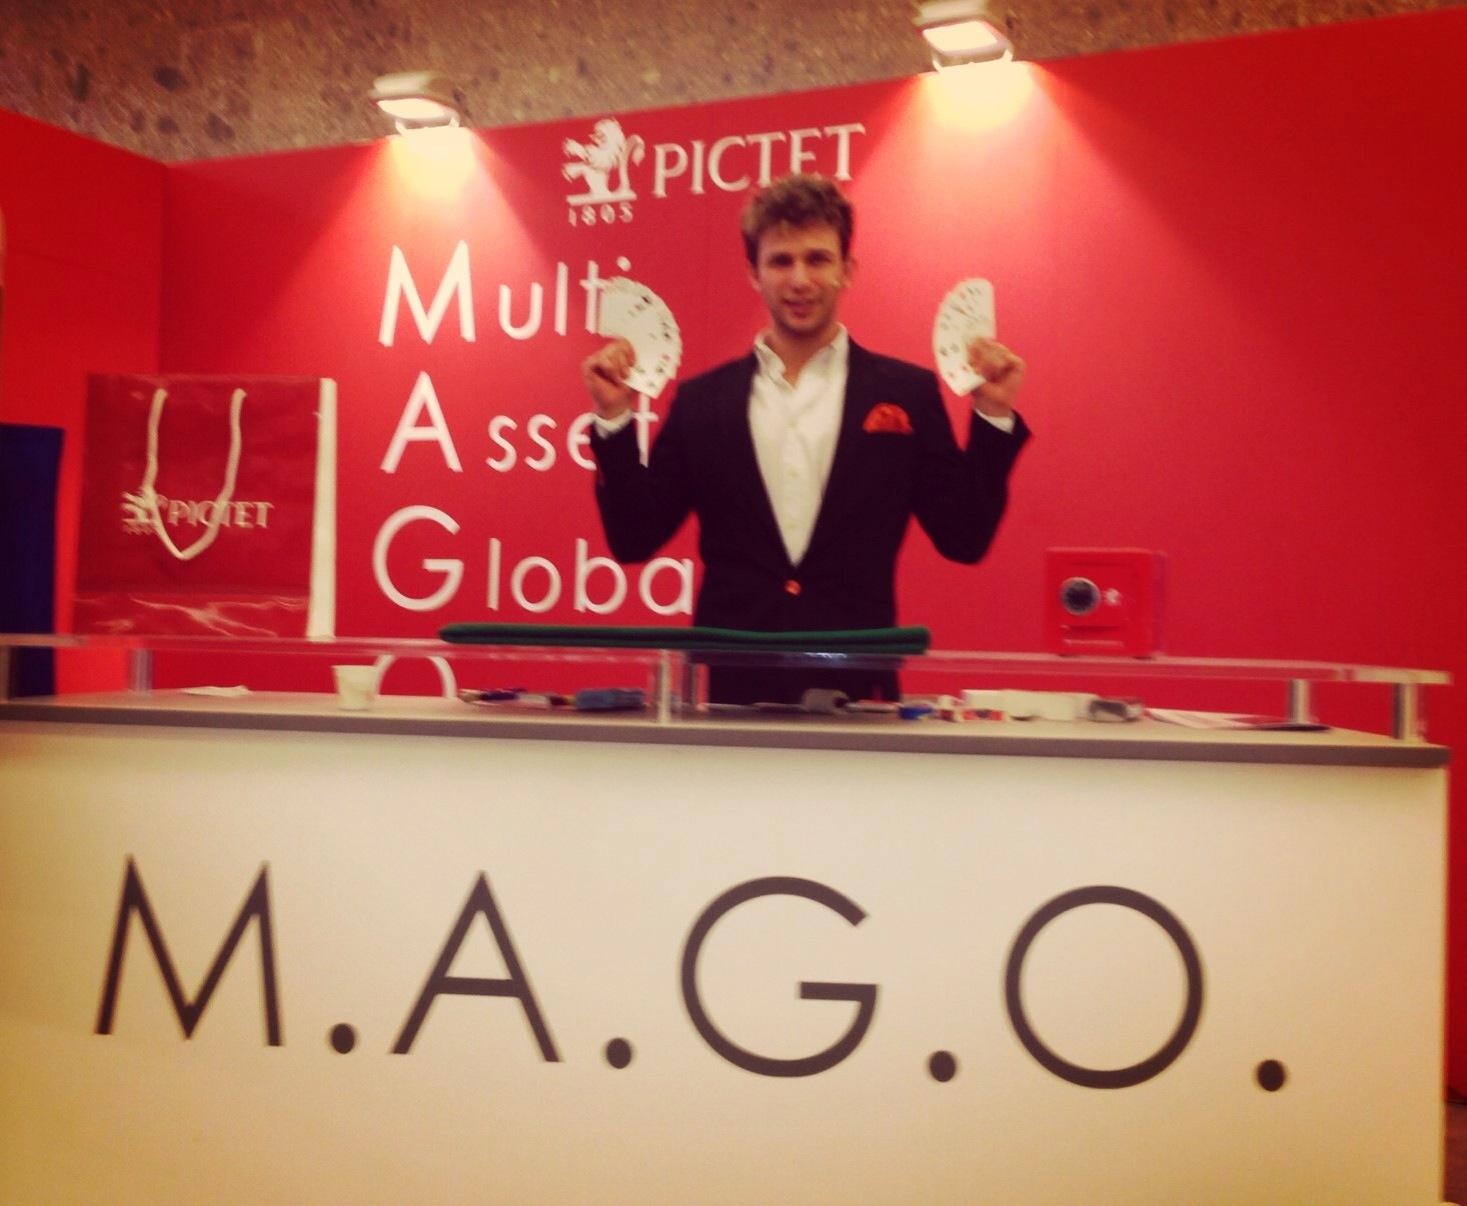 mago pictet gianlupo show